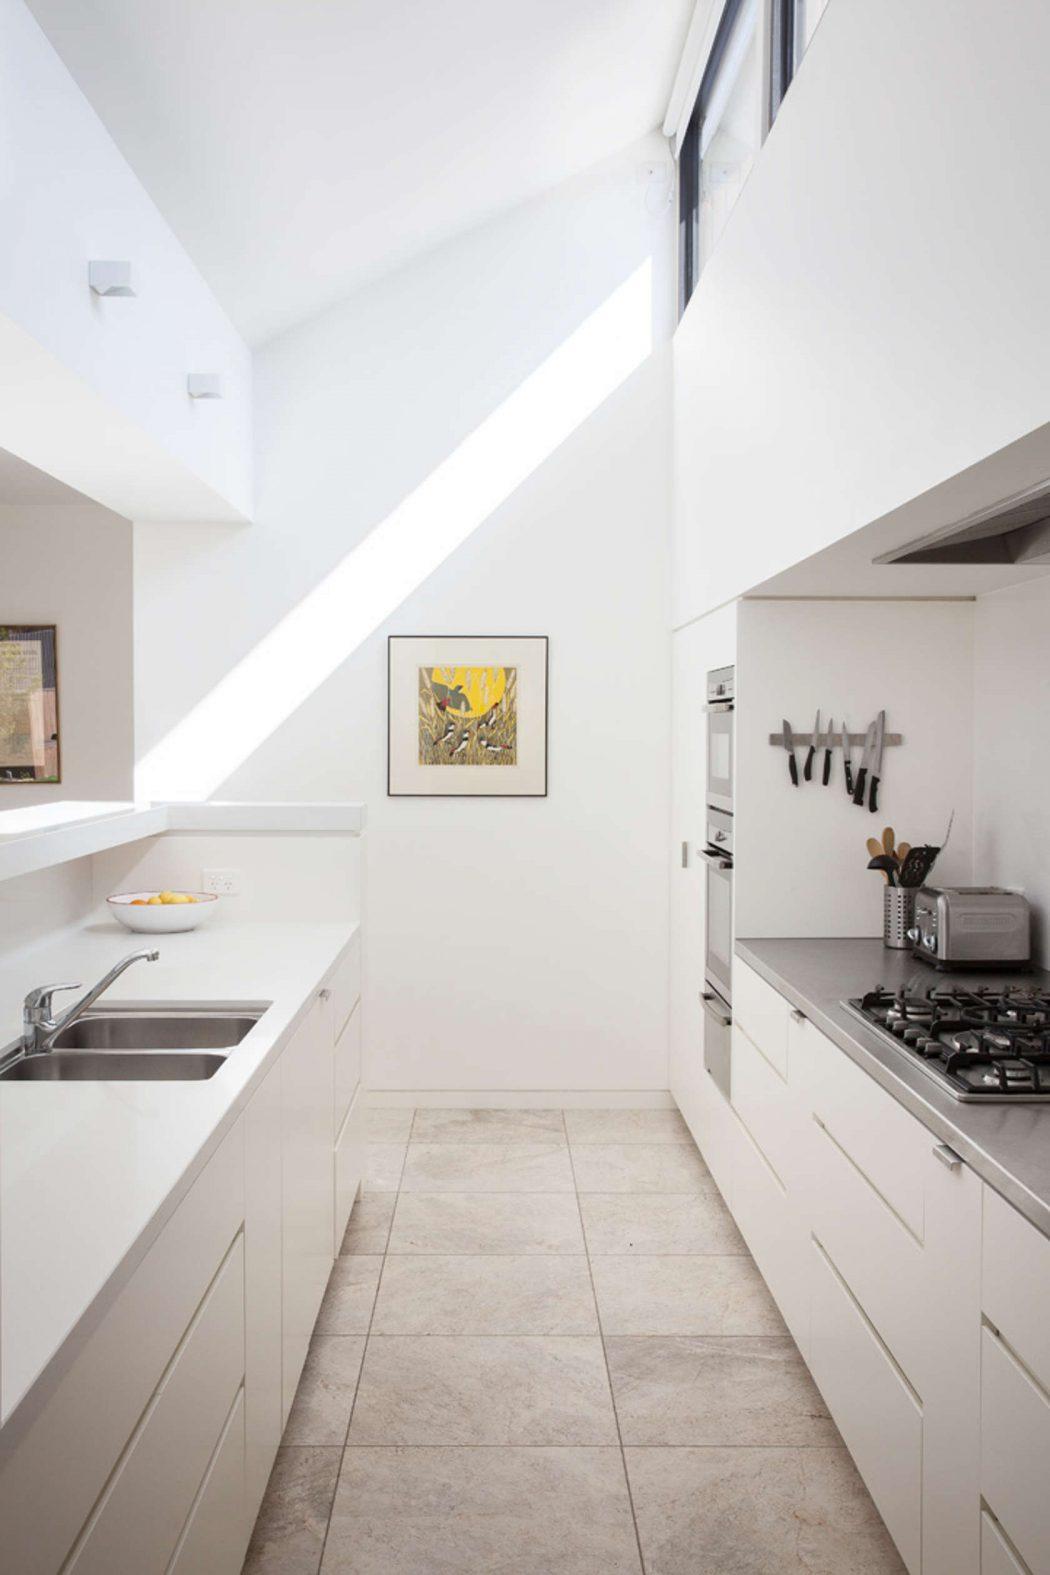 厨房 家居 起居室 设计 装修 1050_1575 竖版 竖屏